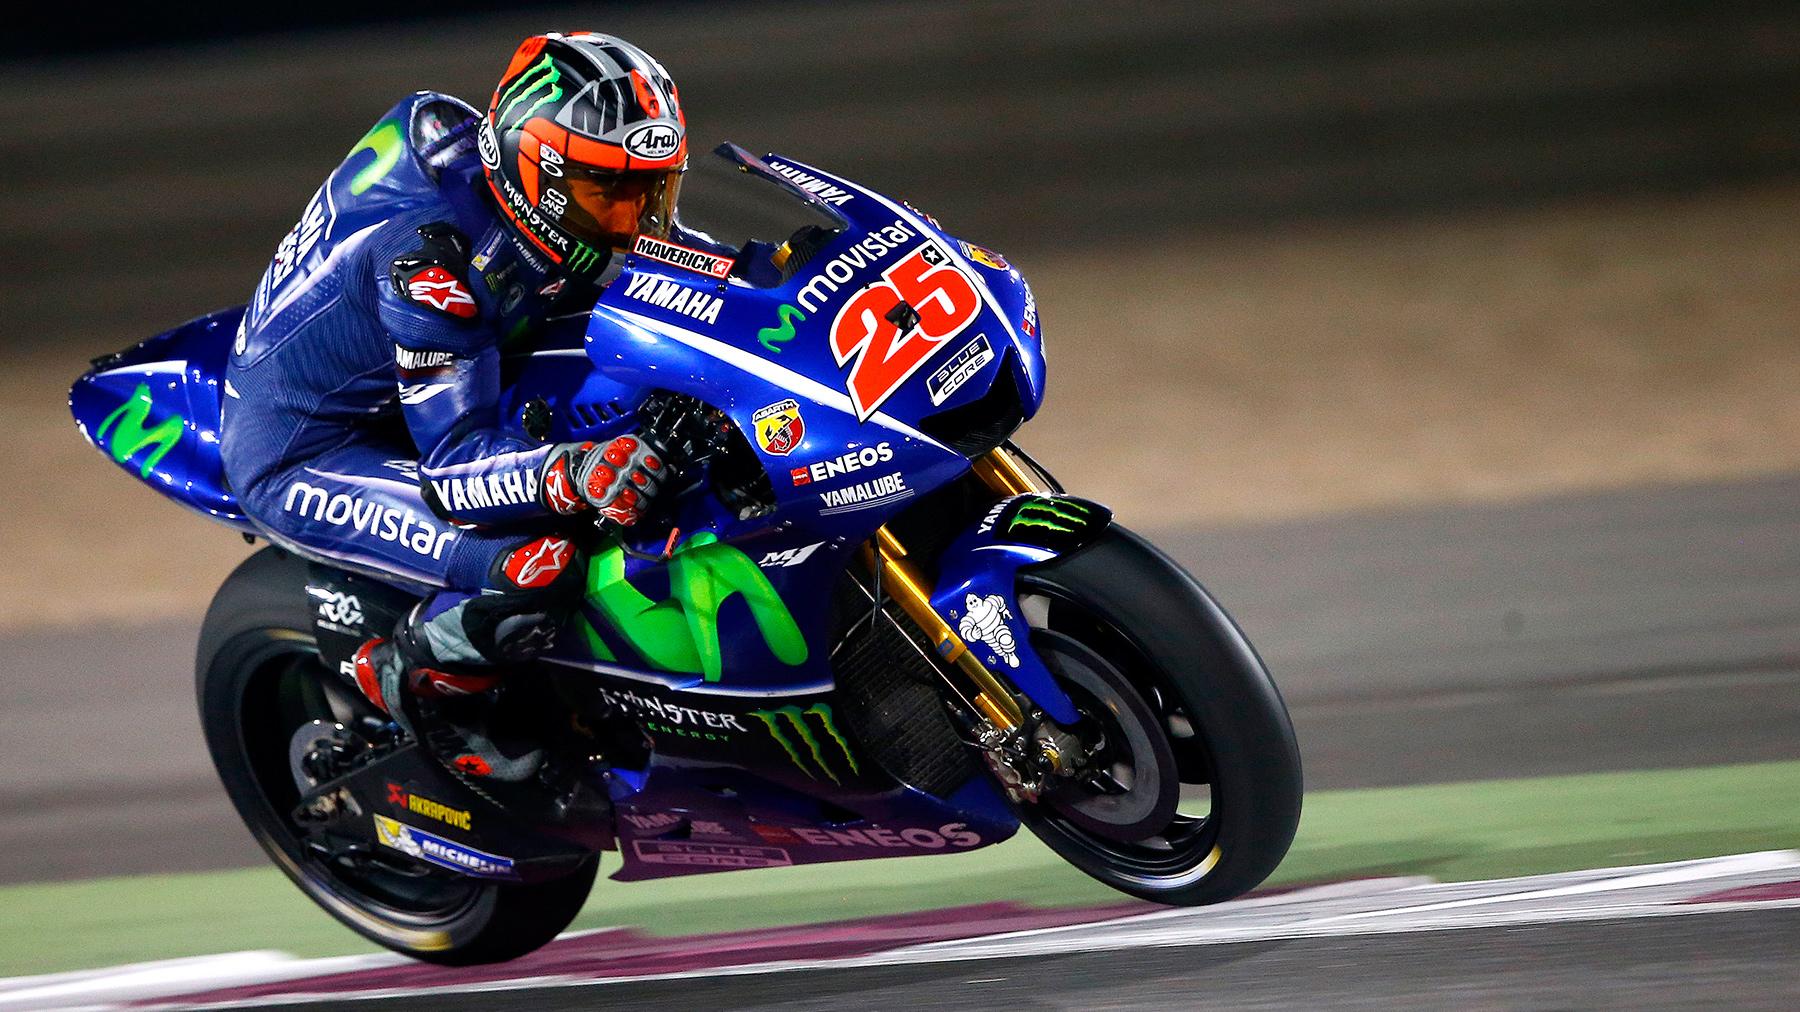 Final en los Test MotoGP, Maverick Viñales domina y Jorge Lorenzo recupera terreno